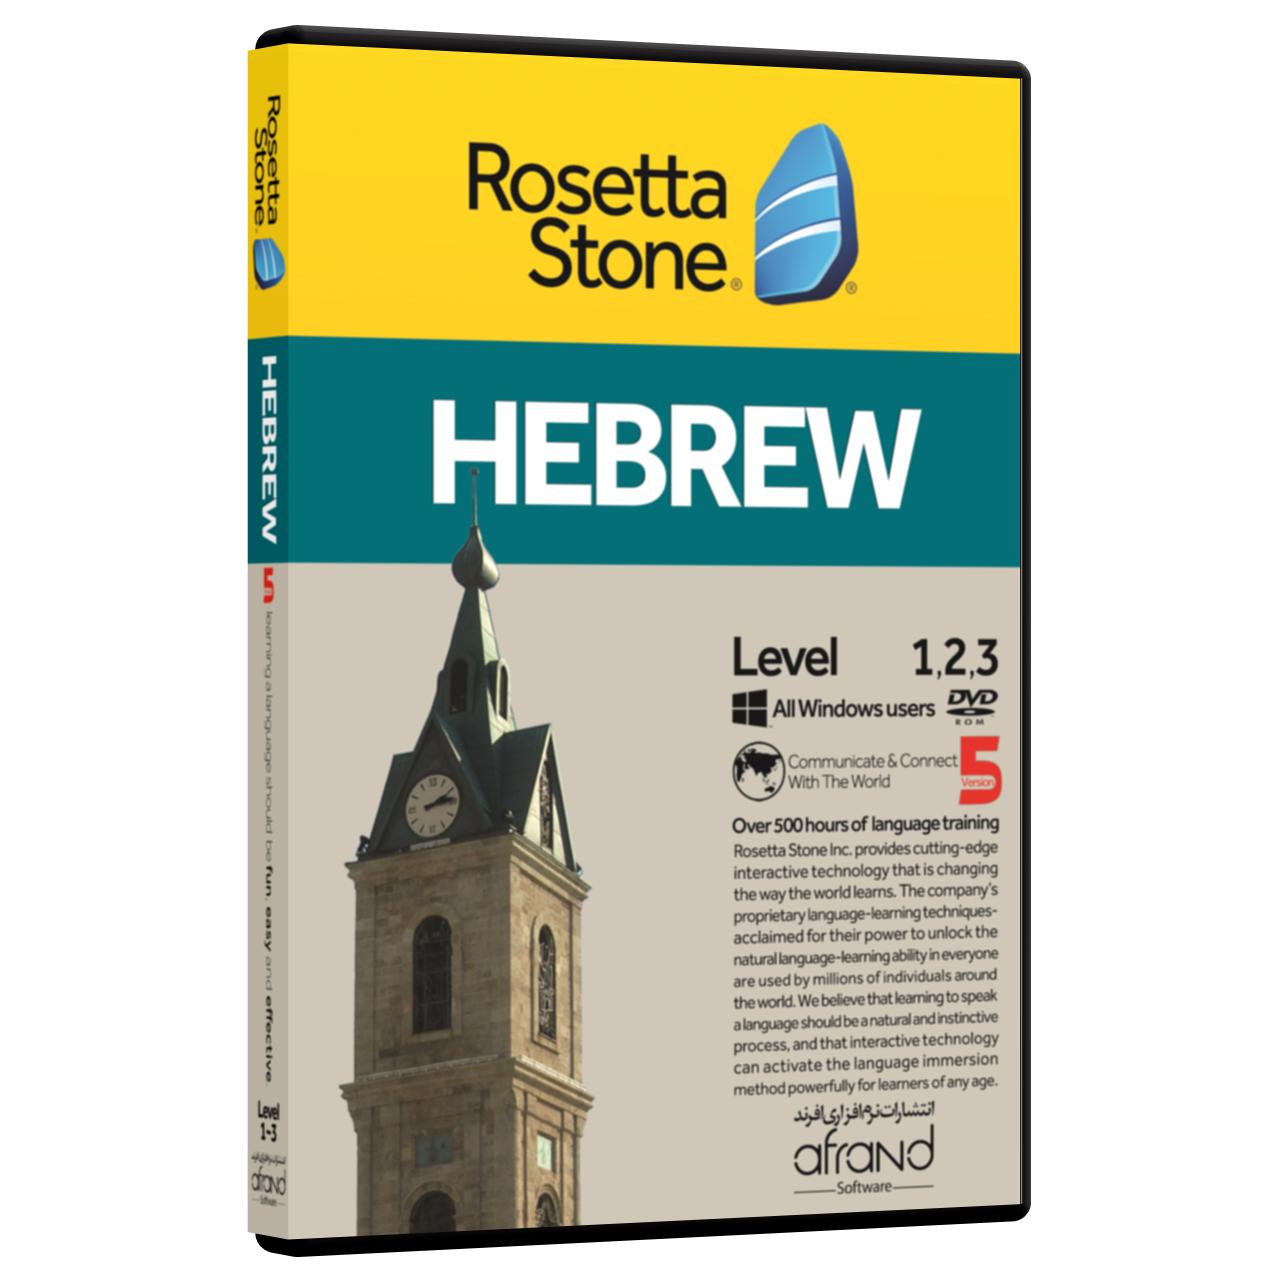 نرم افزار آموزش زبان عبری رزتااستون نسخه 5 انتشارات نرم افزاری افرند